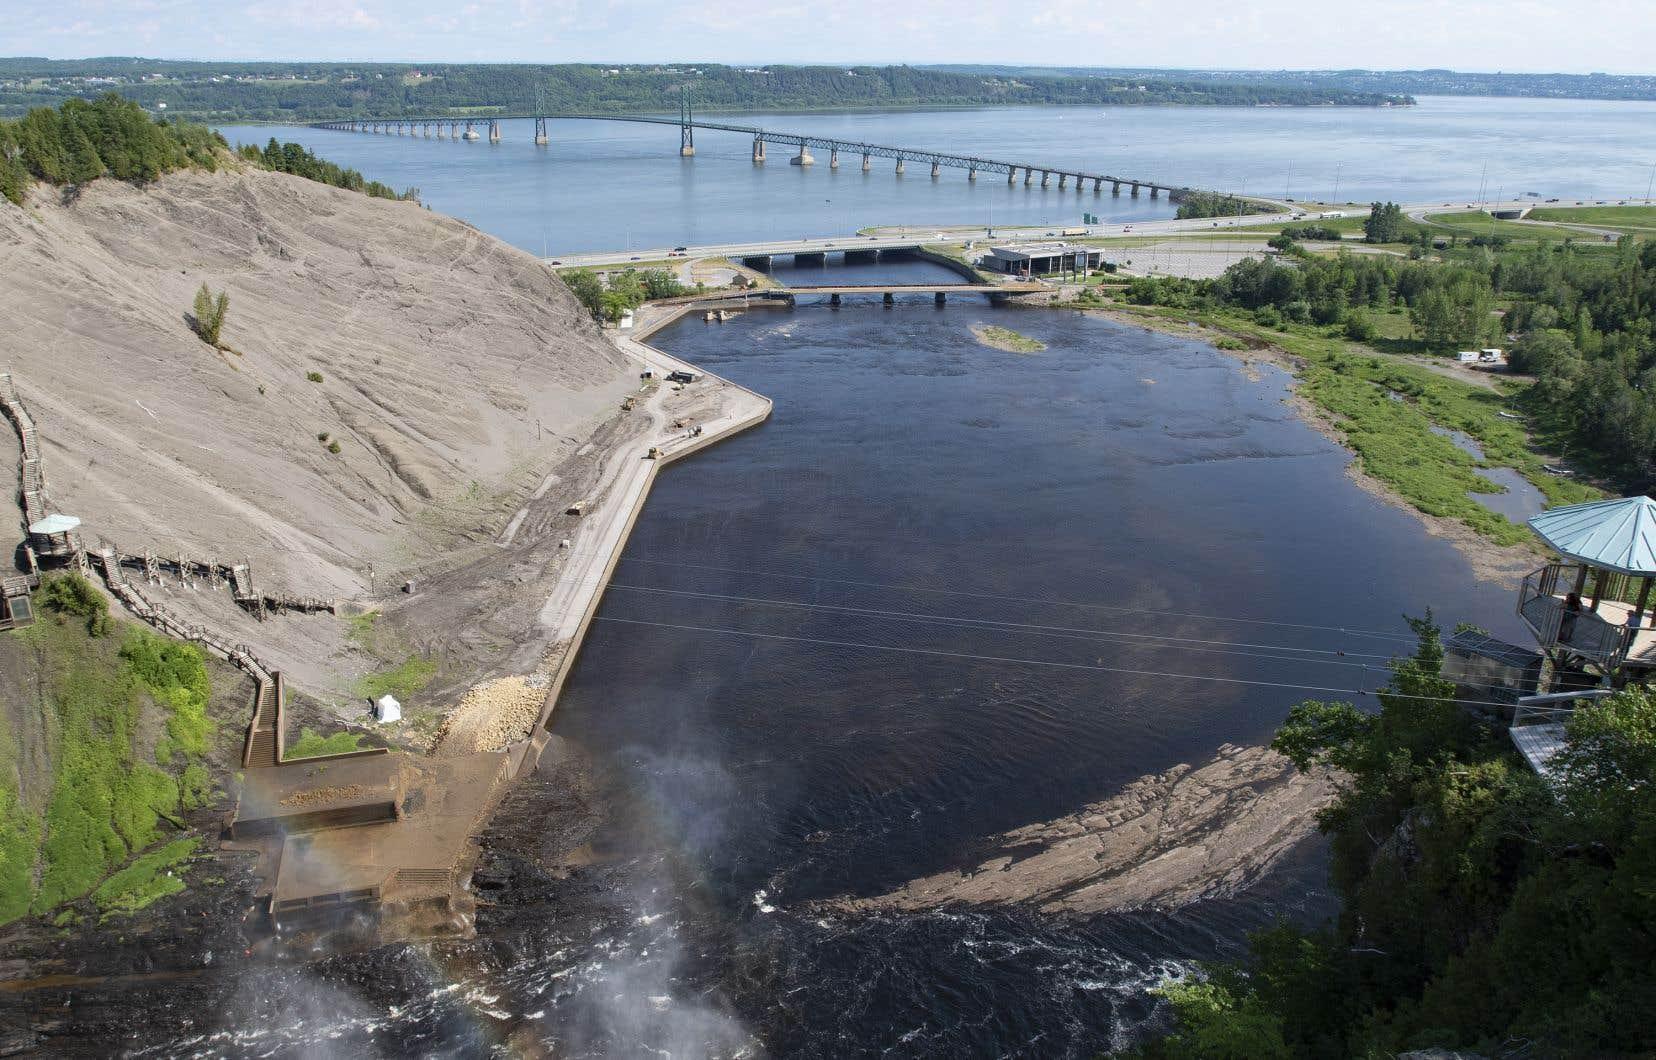 L'île Enchanteresse, évacuée préventivement,est située sur la rivière Montmorency, à une dizaine de kilomètres de la célèbre chute. Elle est très souvent touchée par des inondations printanières.